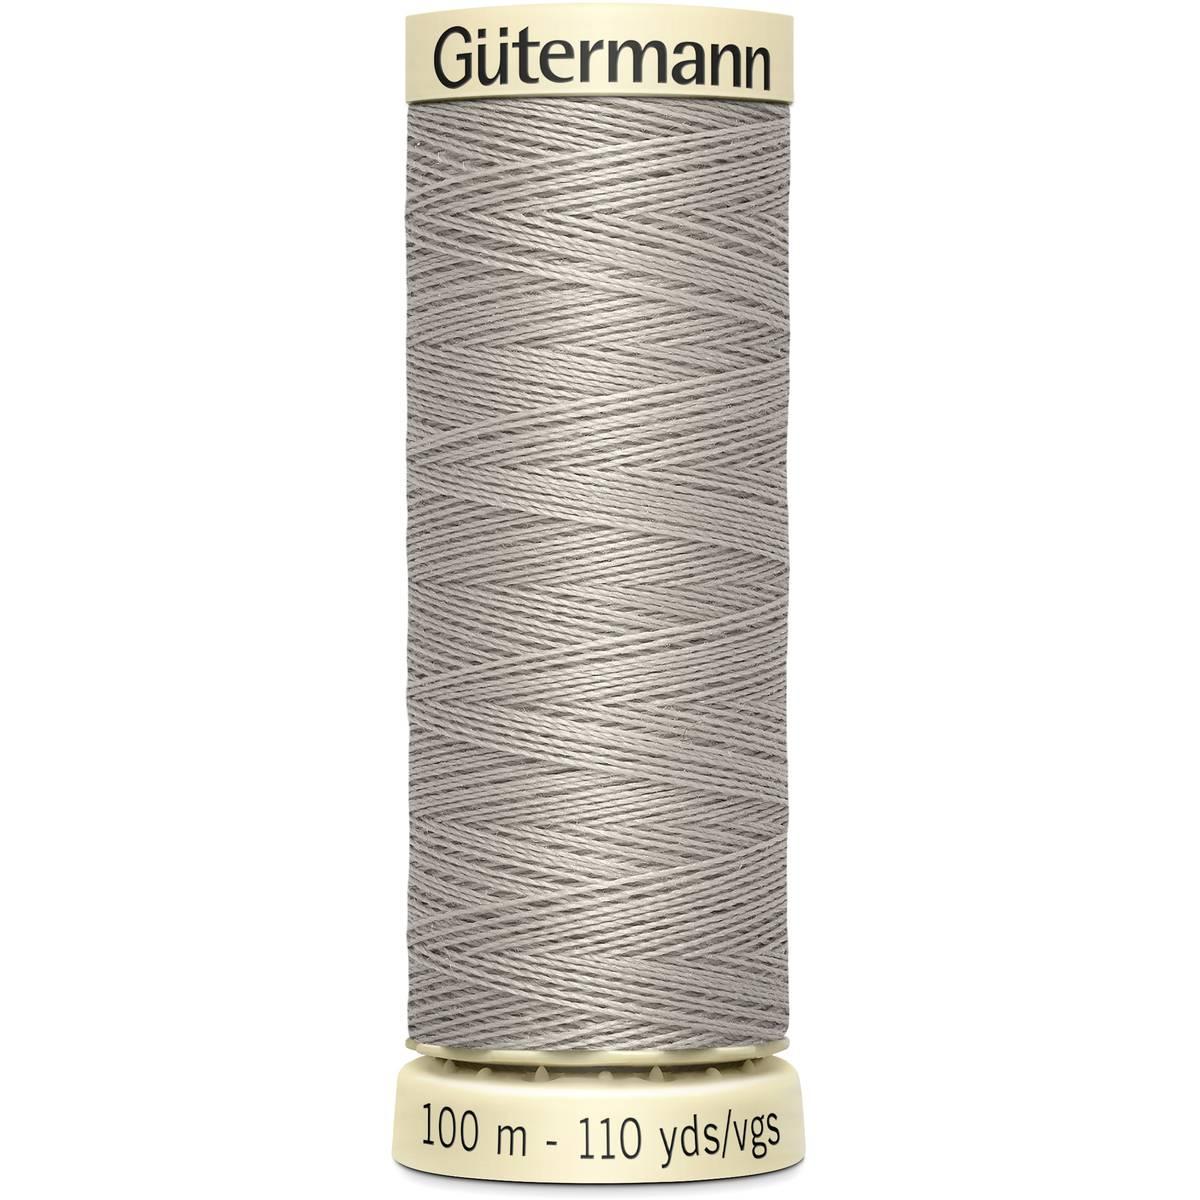 חוט תפירה גוטרמן - Grey 118